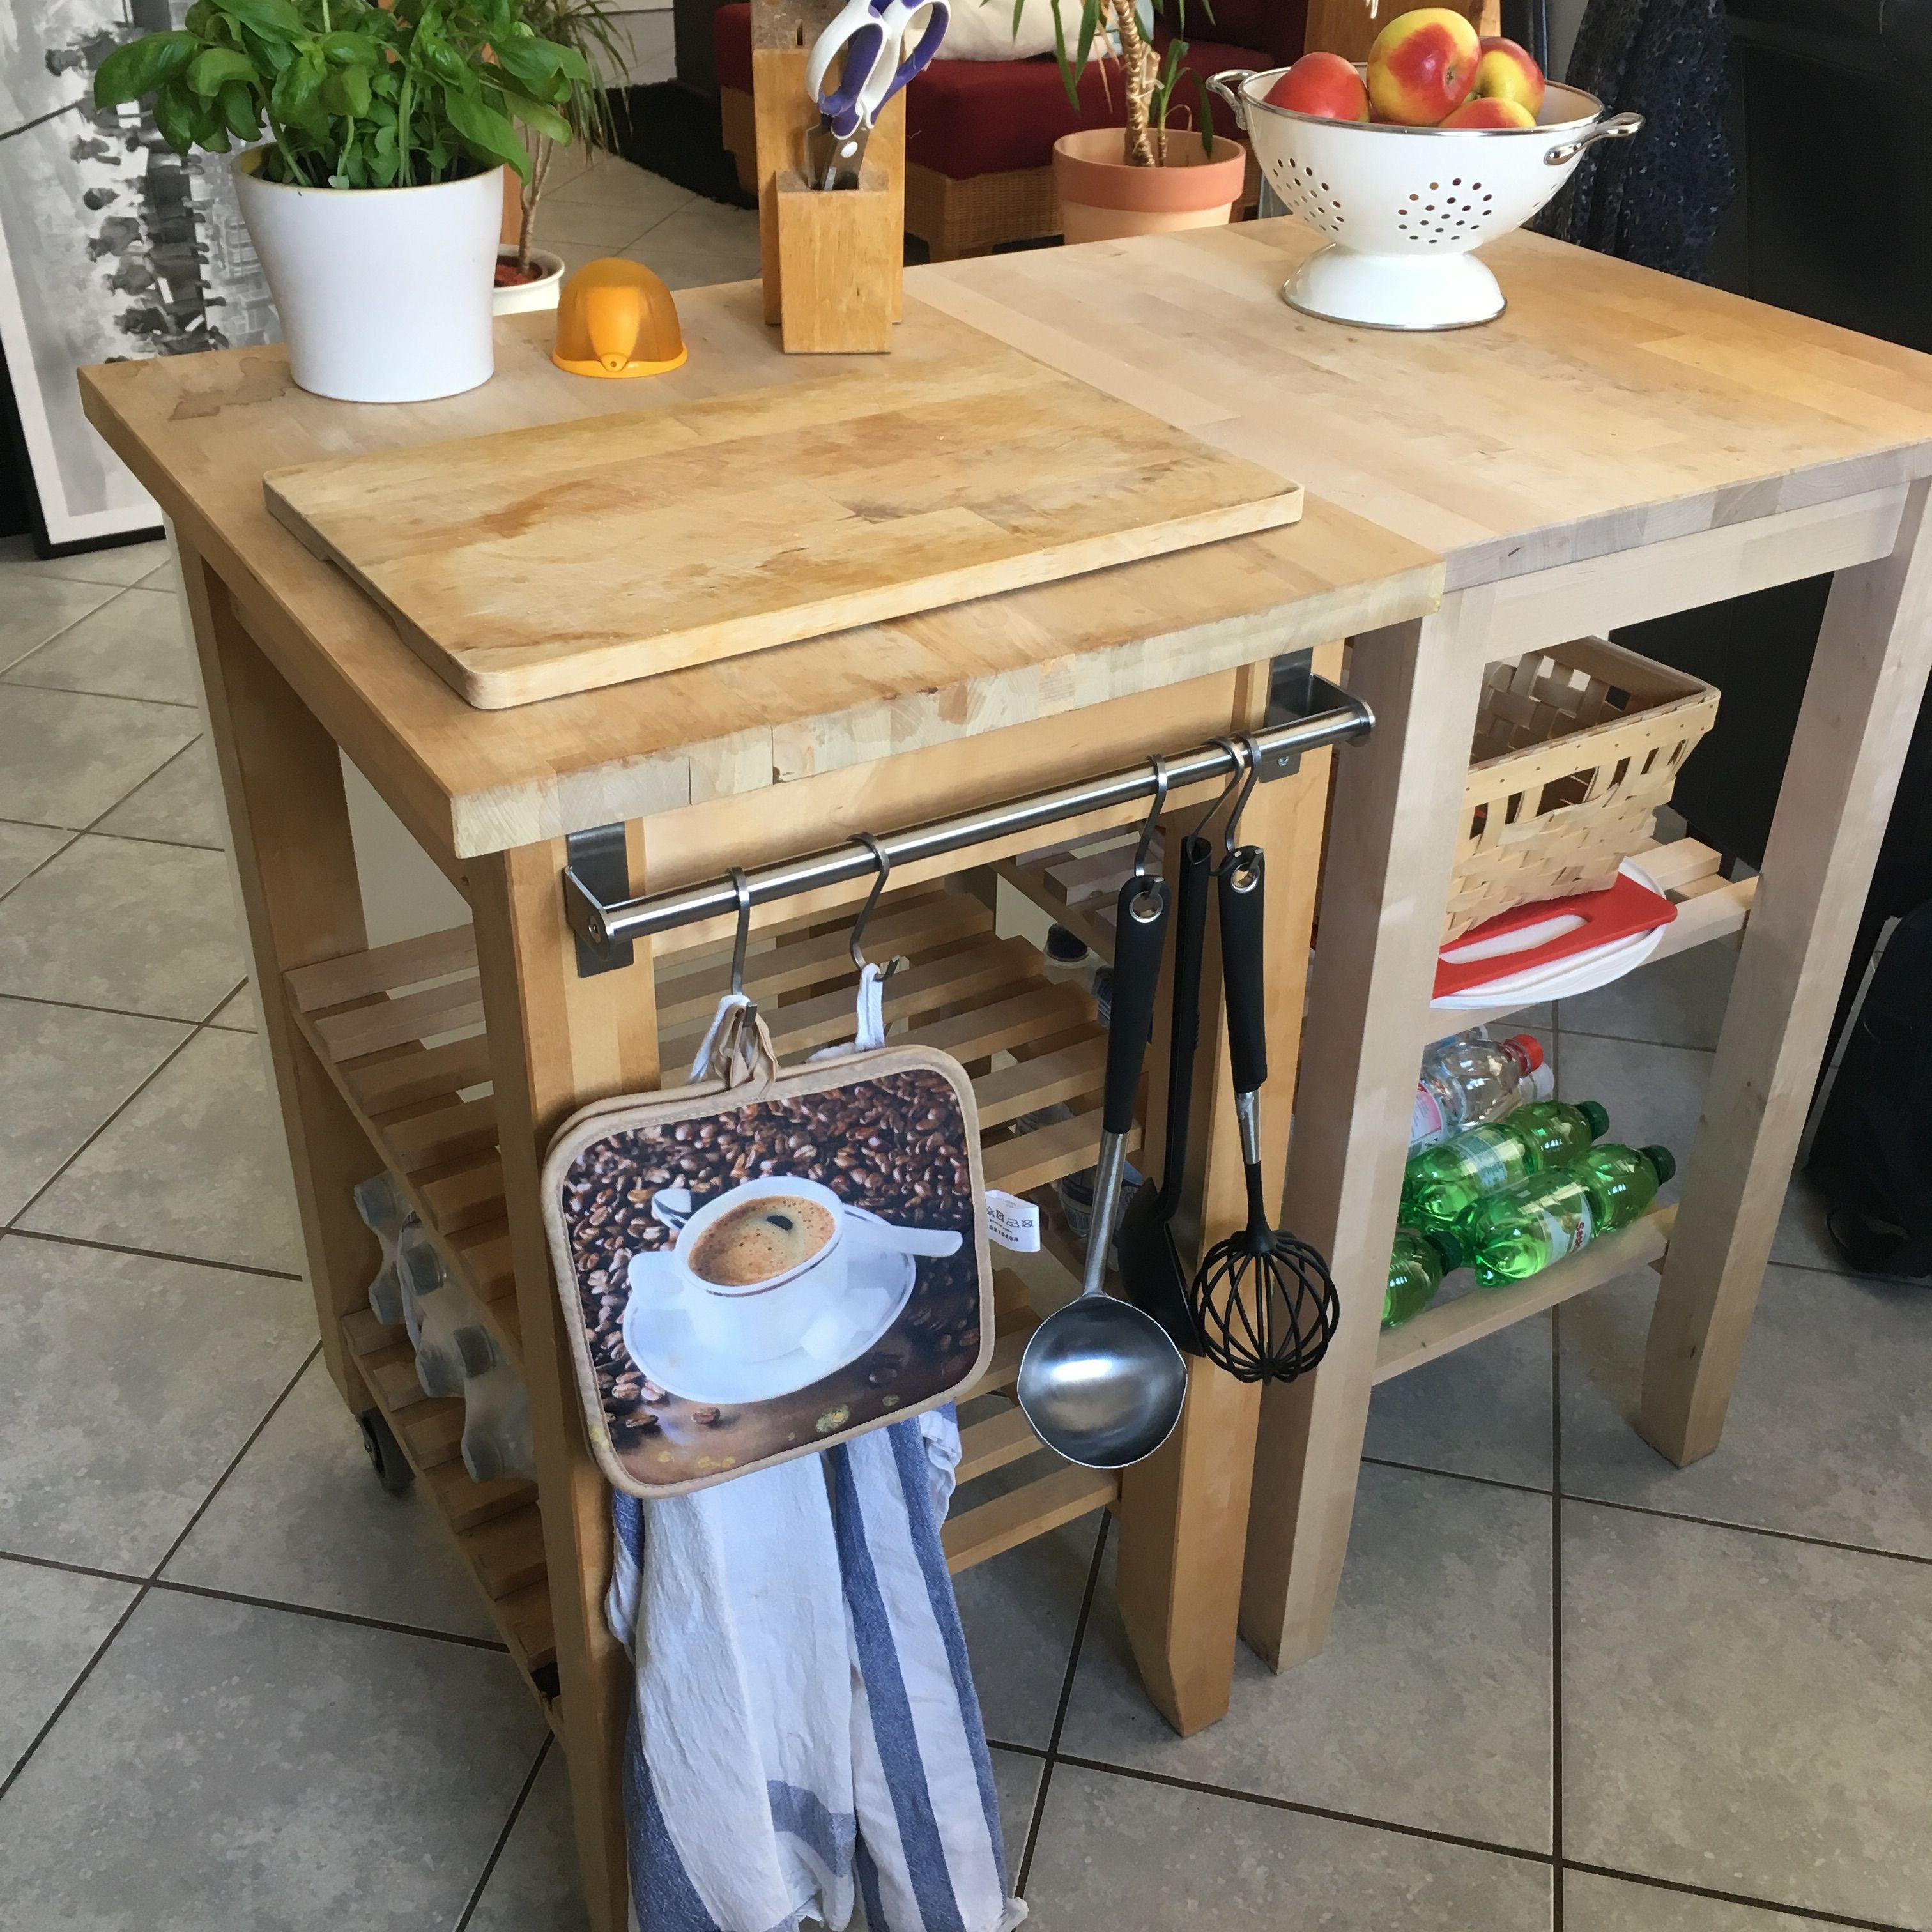 Ikea Hacks Küchenwagen Das Steckt In Ikea Trådfri Make